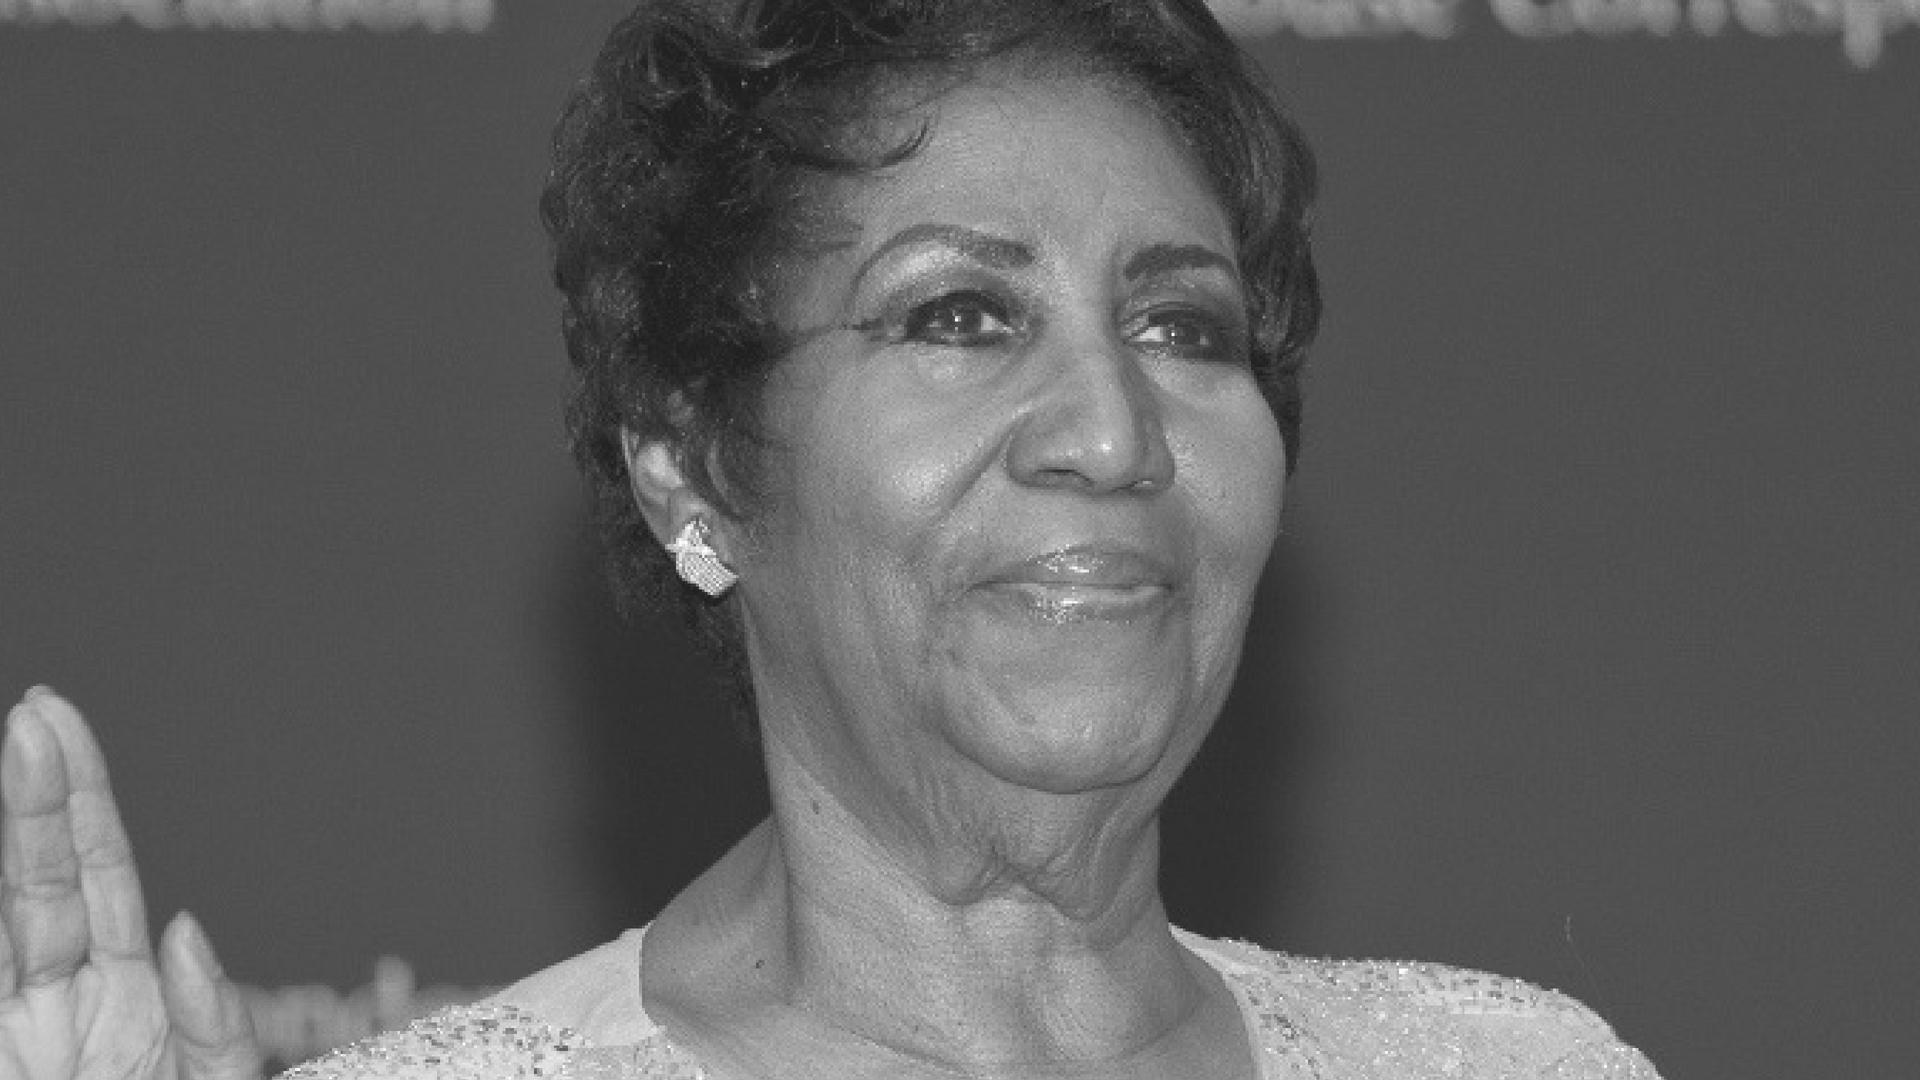 Nie żyje legendarna piosenkarka Aretha Franklin